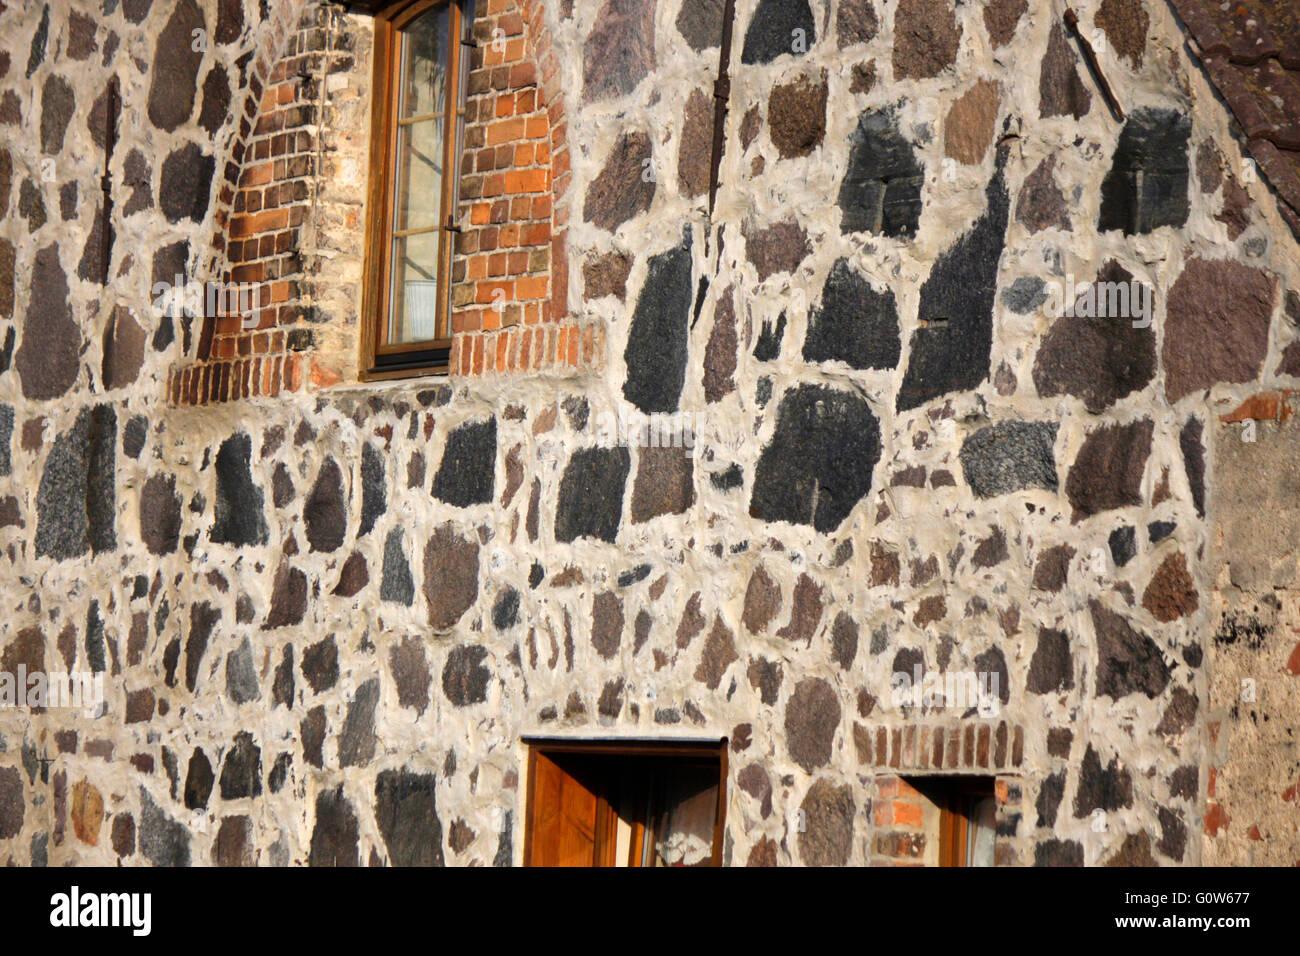 Hausfassade: Nationalpark Unteres Odertal/ Oderauen, Criewen, Brandenburg. - Stock Image